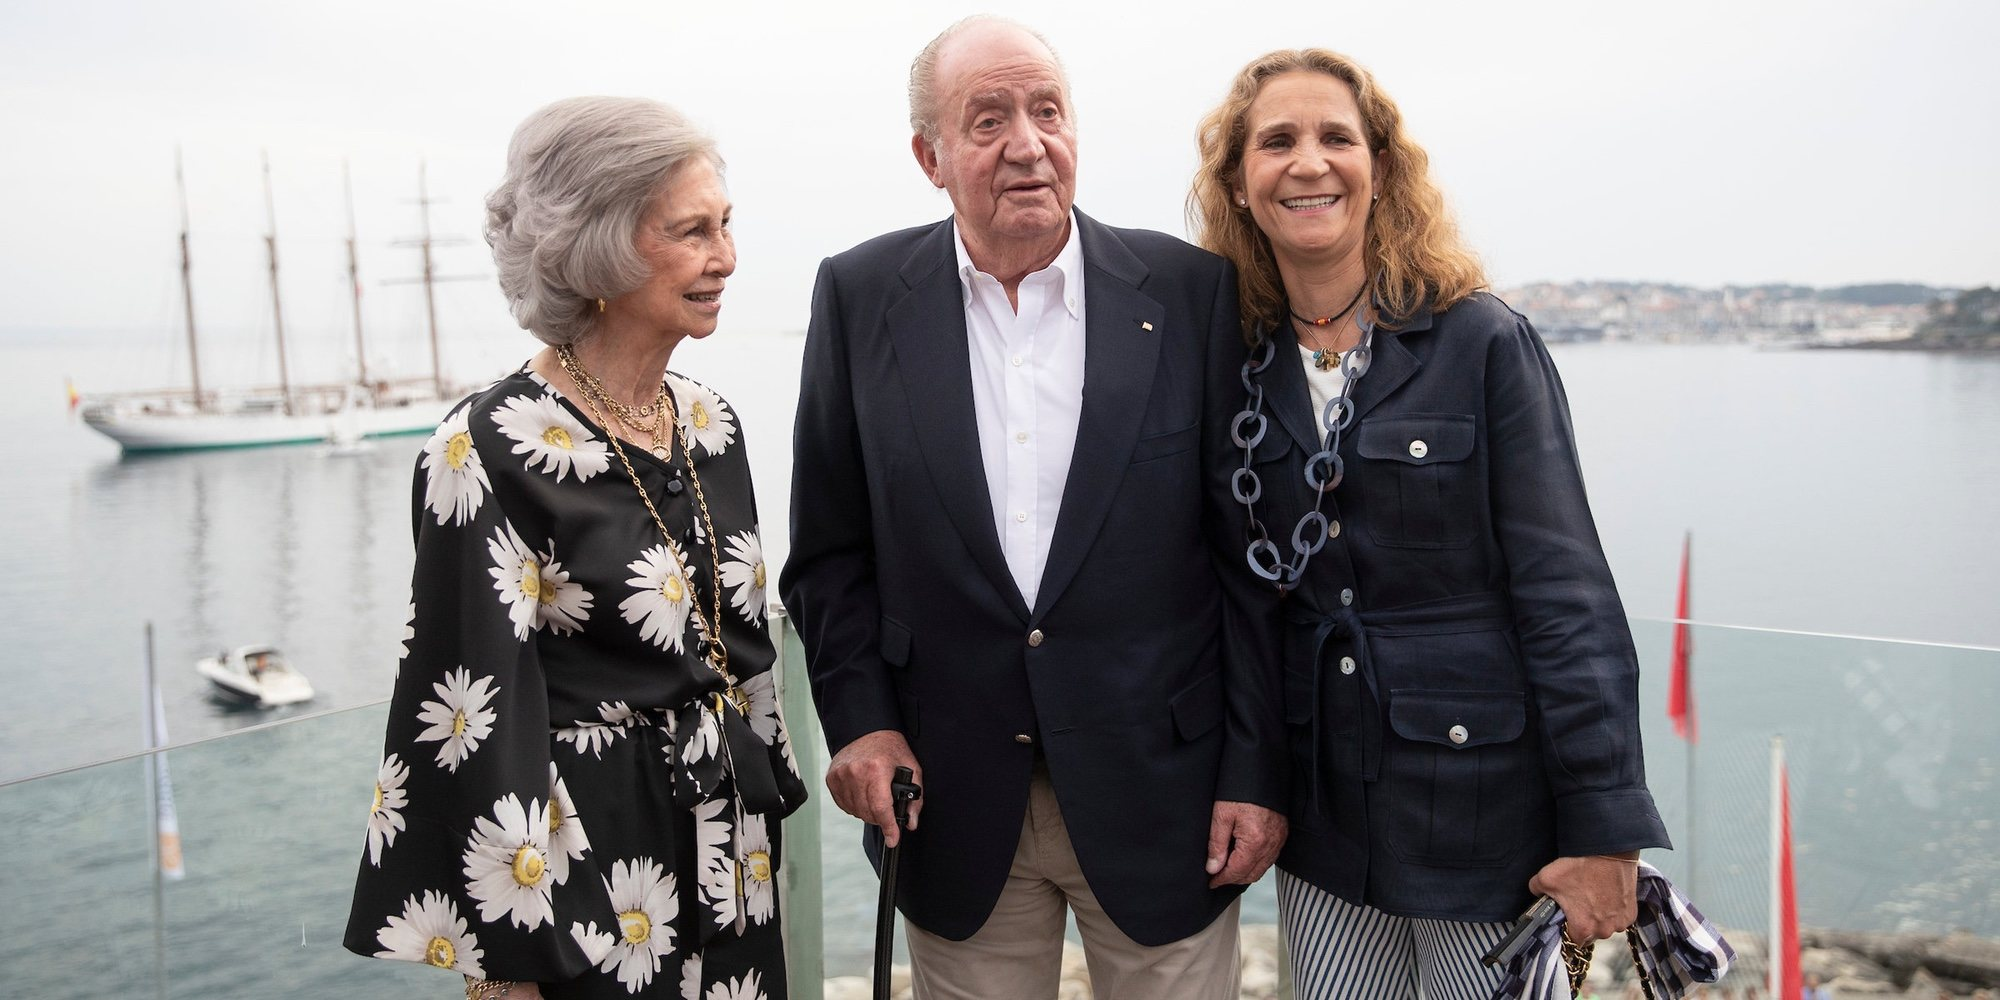 Todo lo que implica el viaje de la Reina Sofía a Sanxenxo con el Rey Juan Carlos y la Infanta Elena